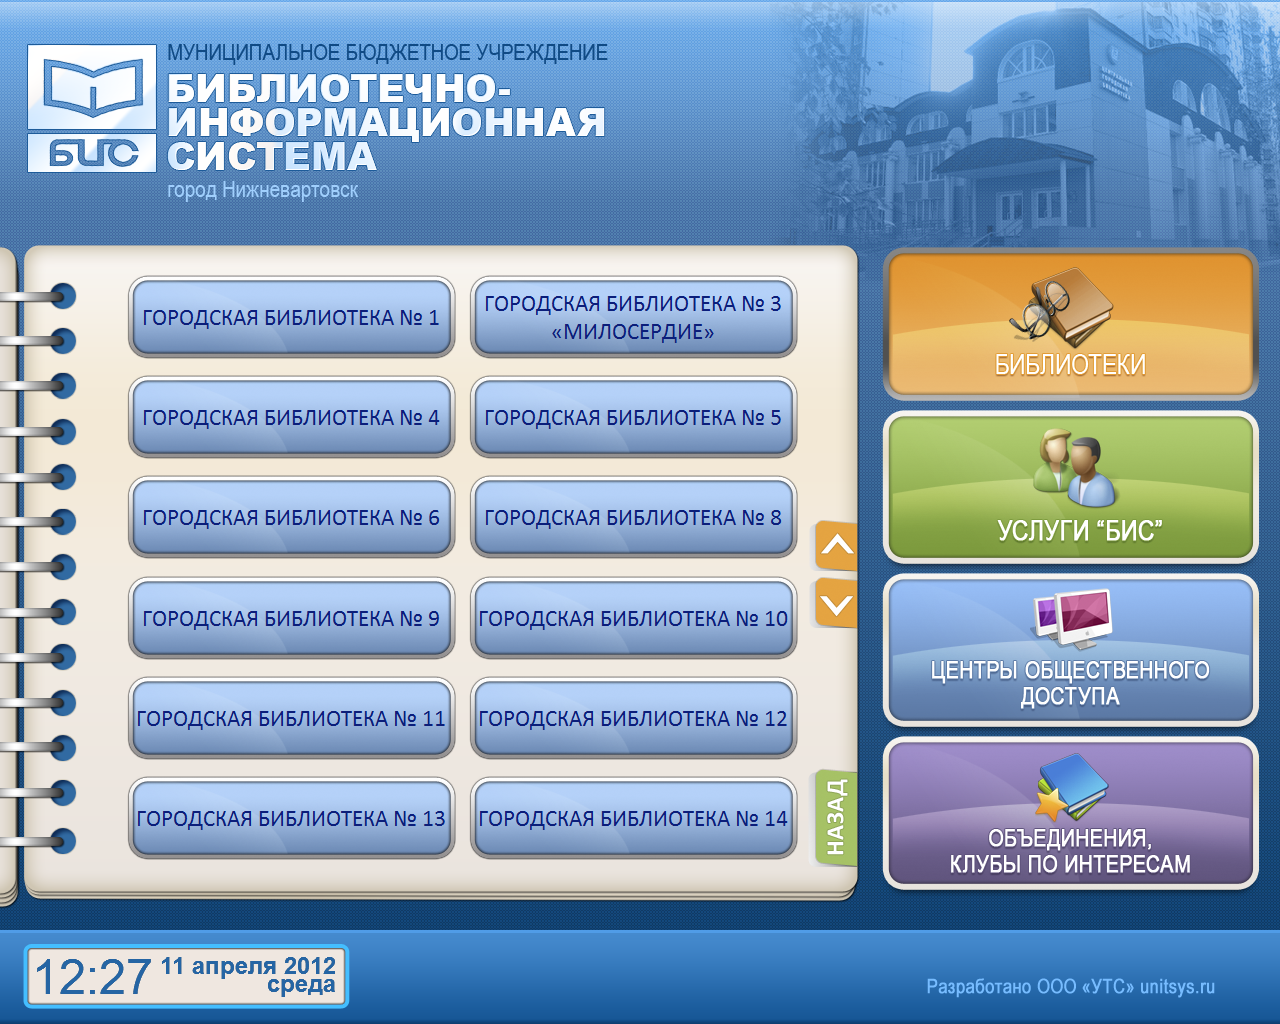 программа для информационного киоска библиотек